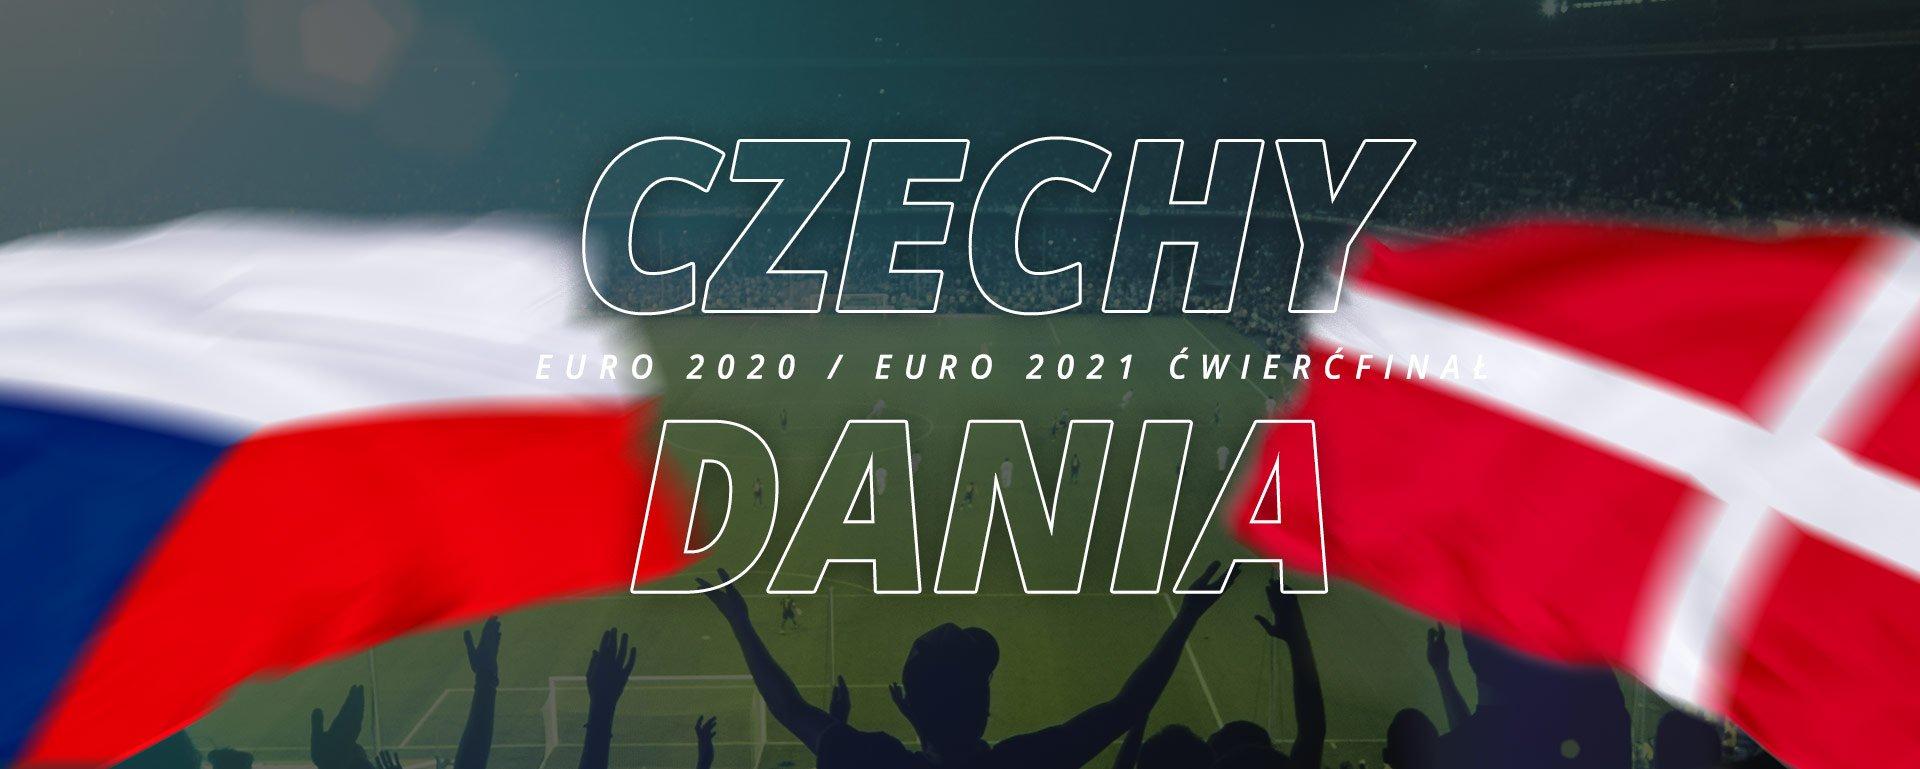 Czechy – Dania   ćwierćfinał Euro 2020 / Euro 2021